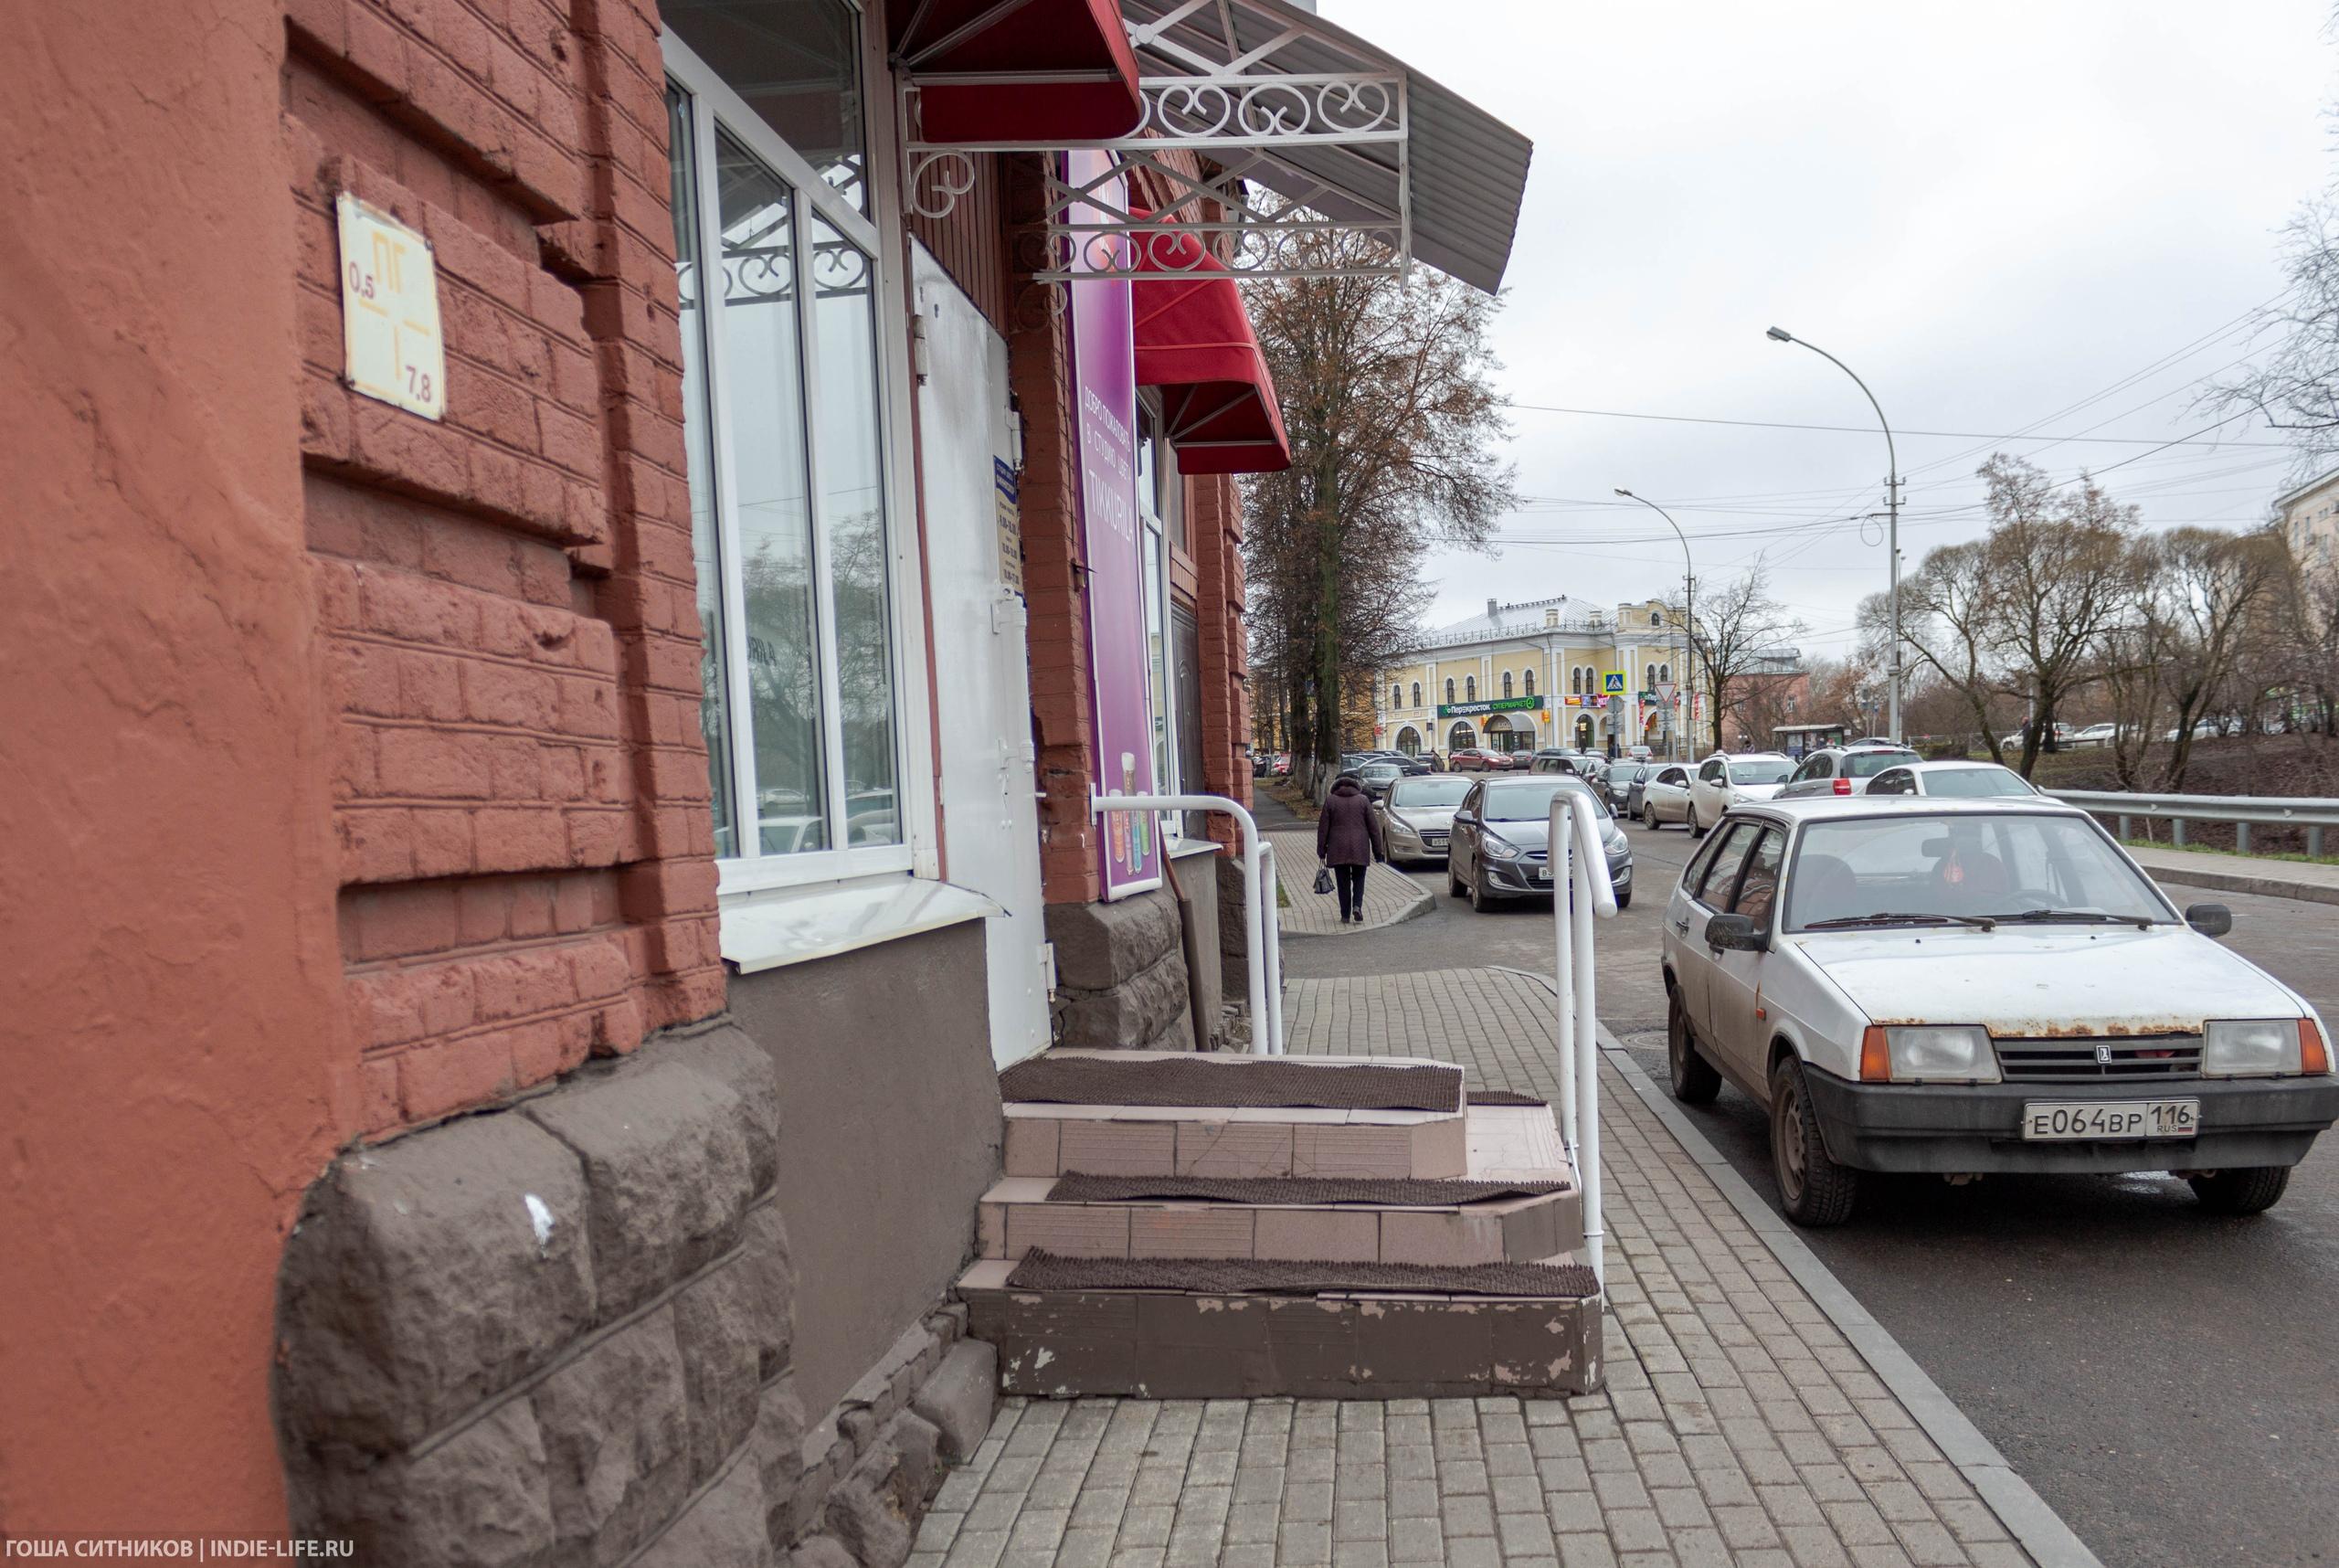 Крыльцо вместо тротуара